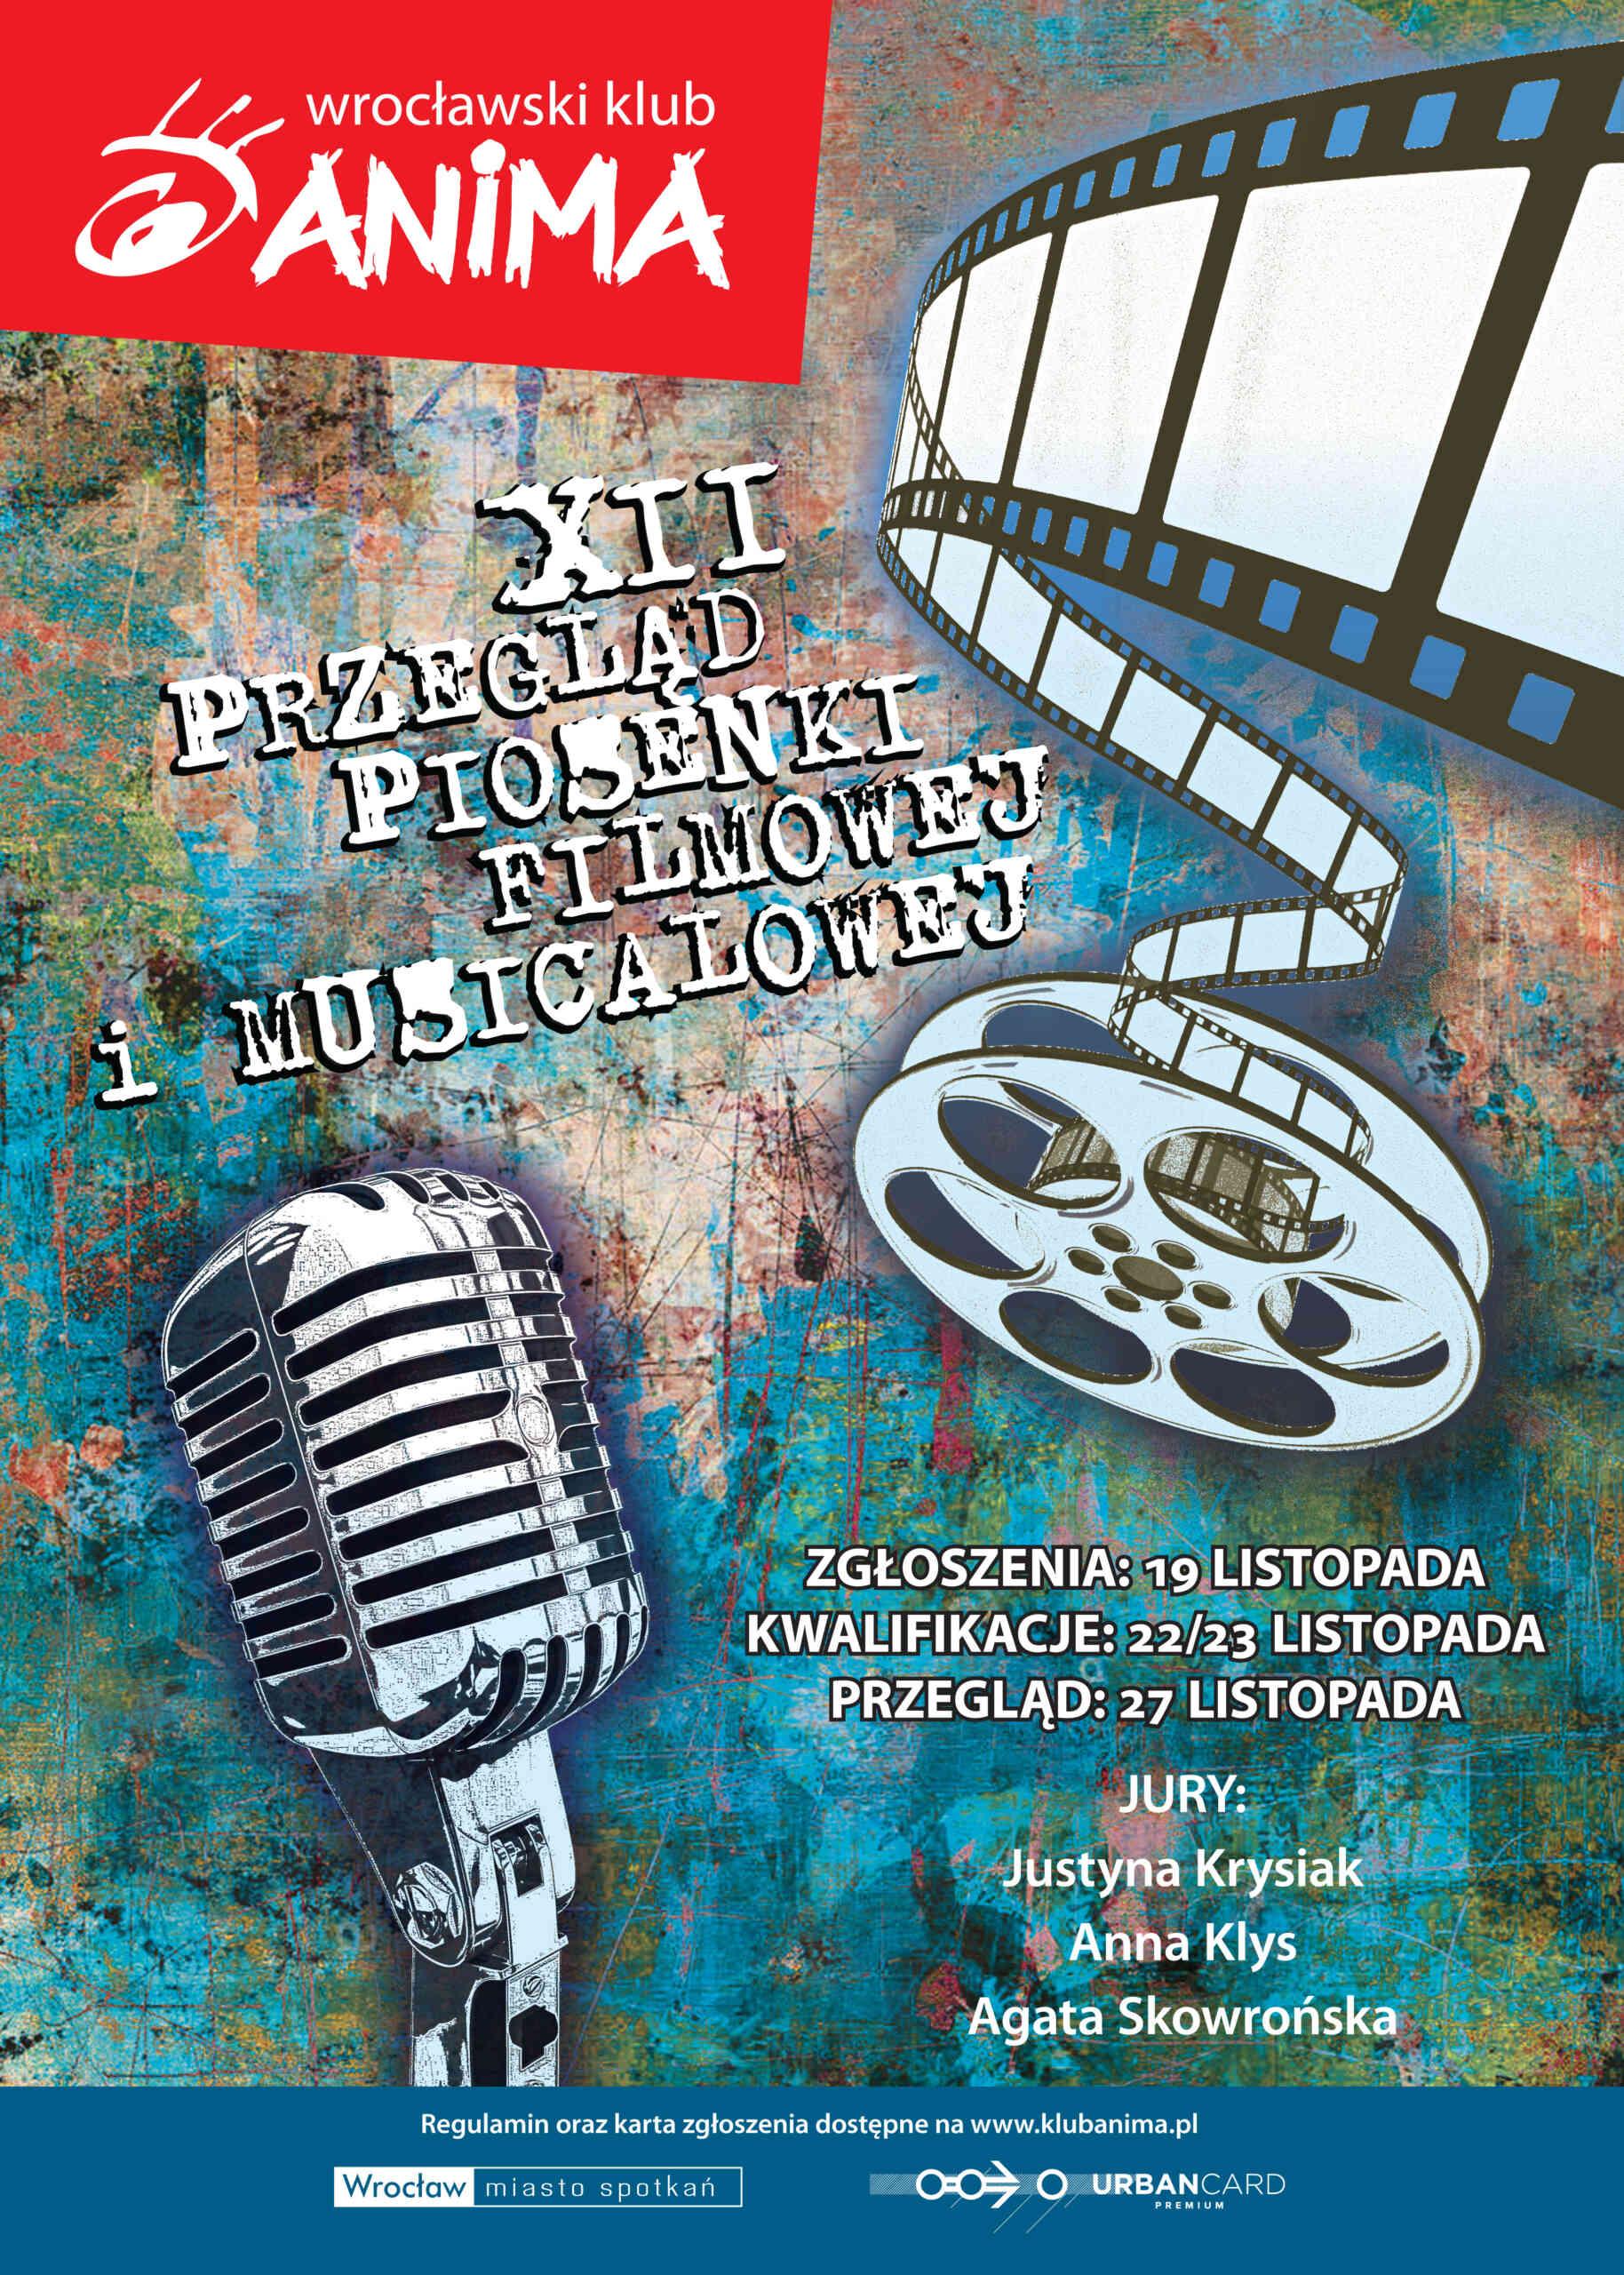 XII Przegląd Piosenki Filmowej i Musicalowej